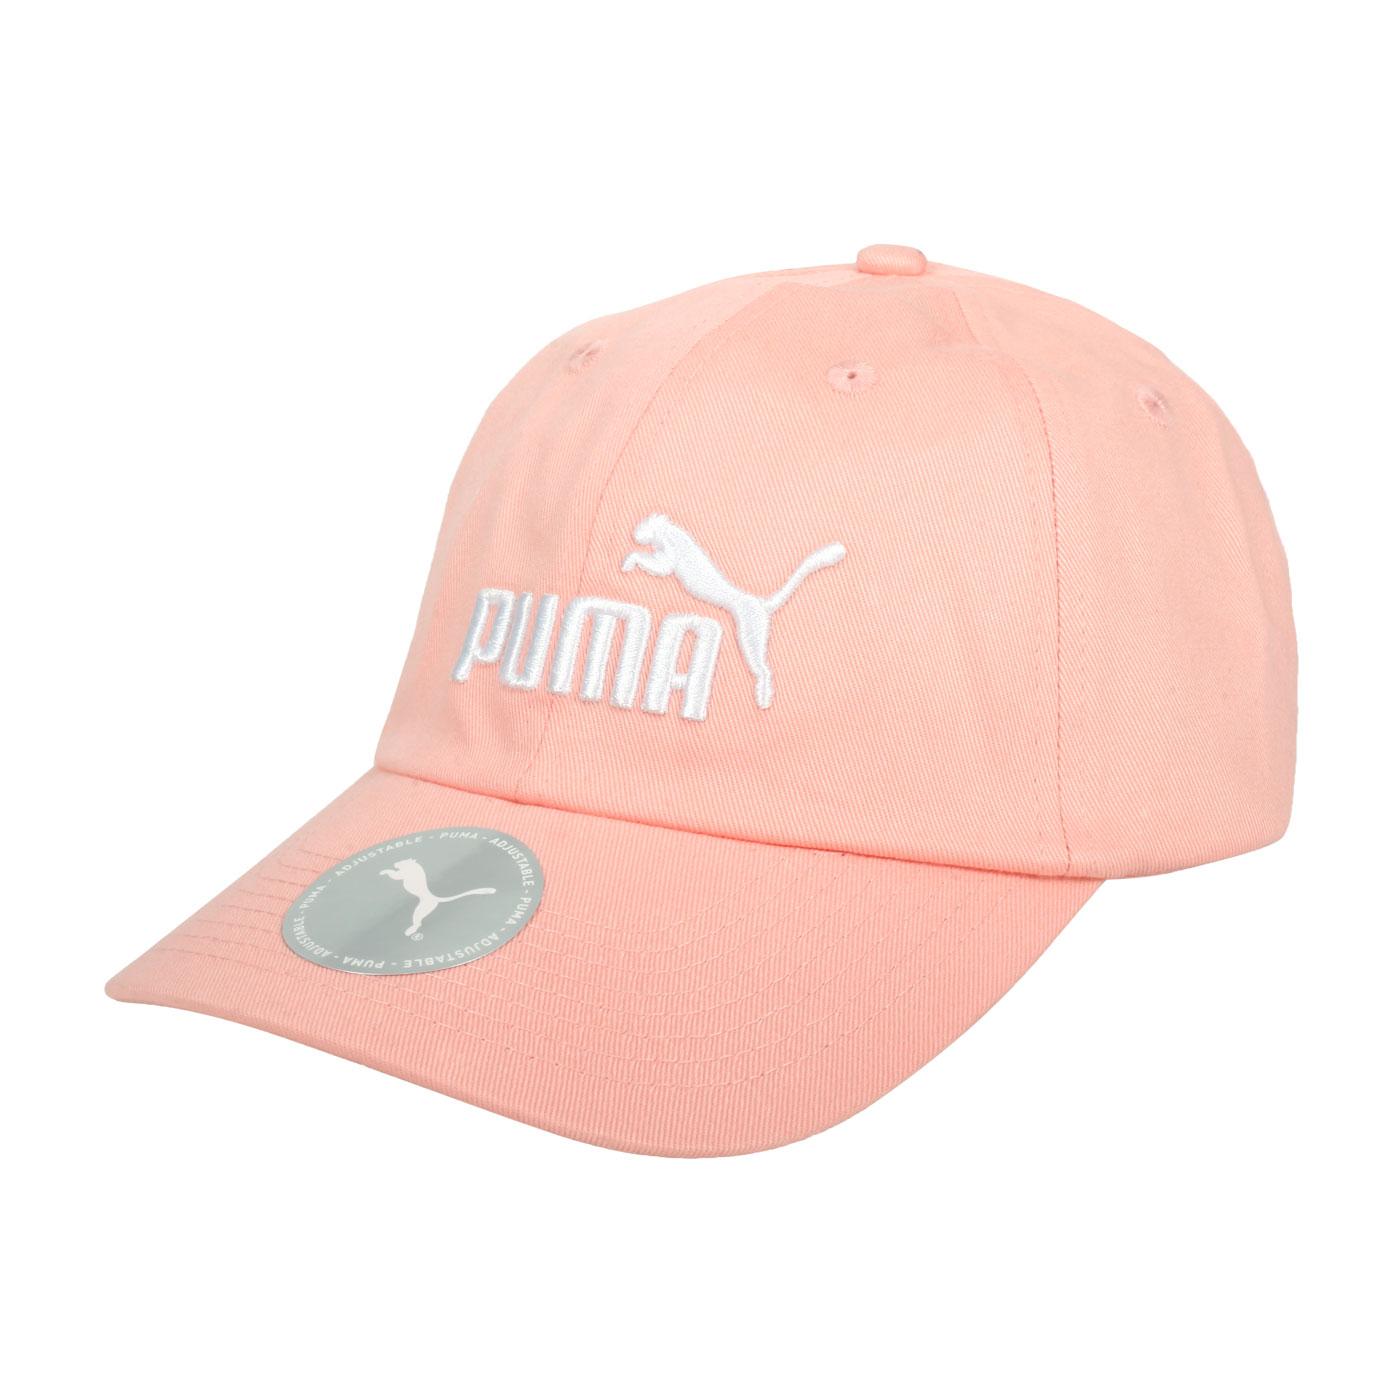 PUMA 基本系列棒球帽 02241634